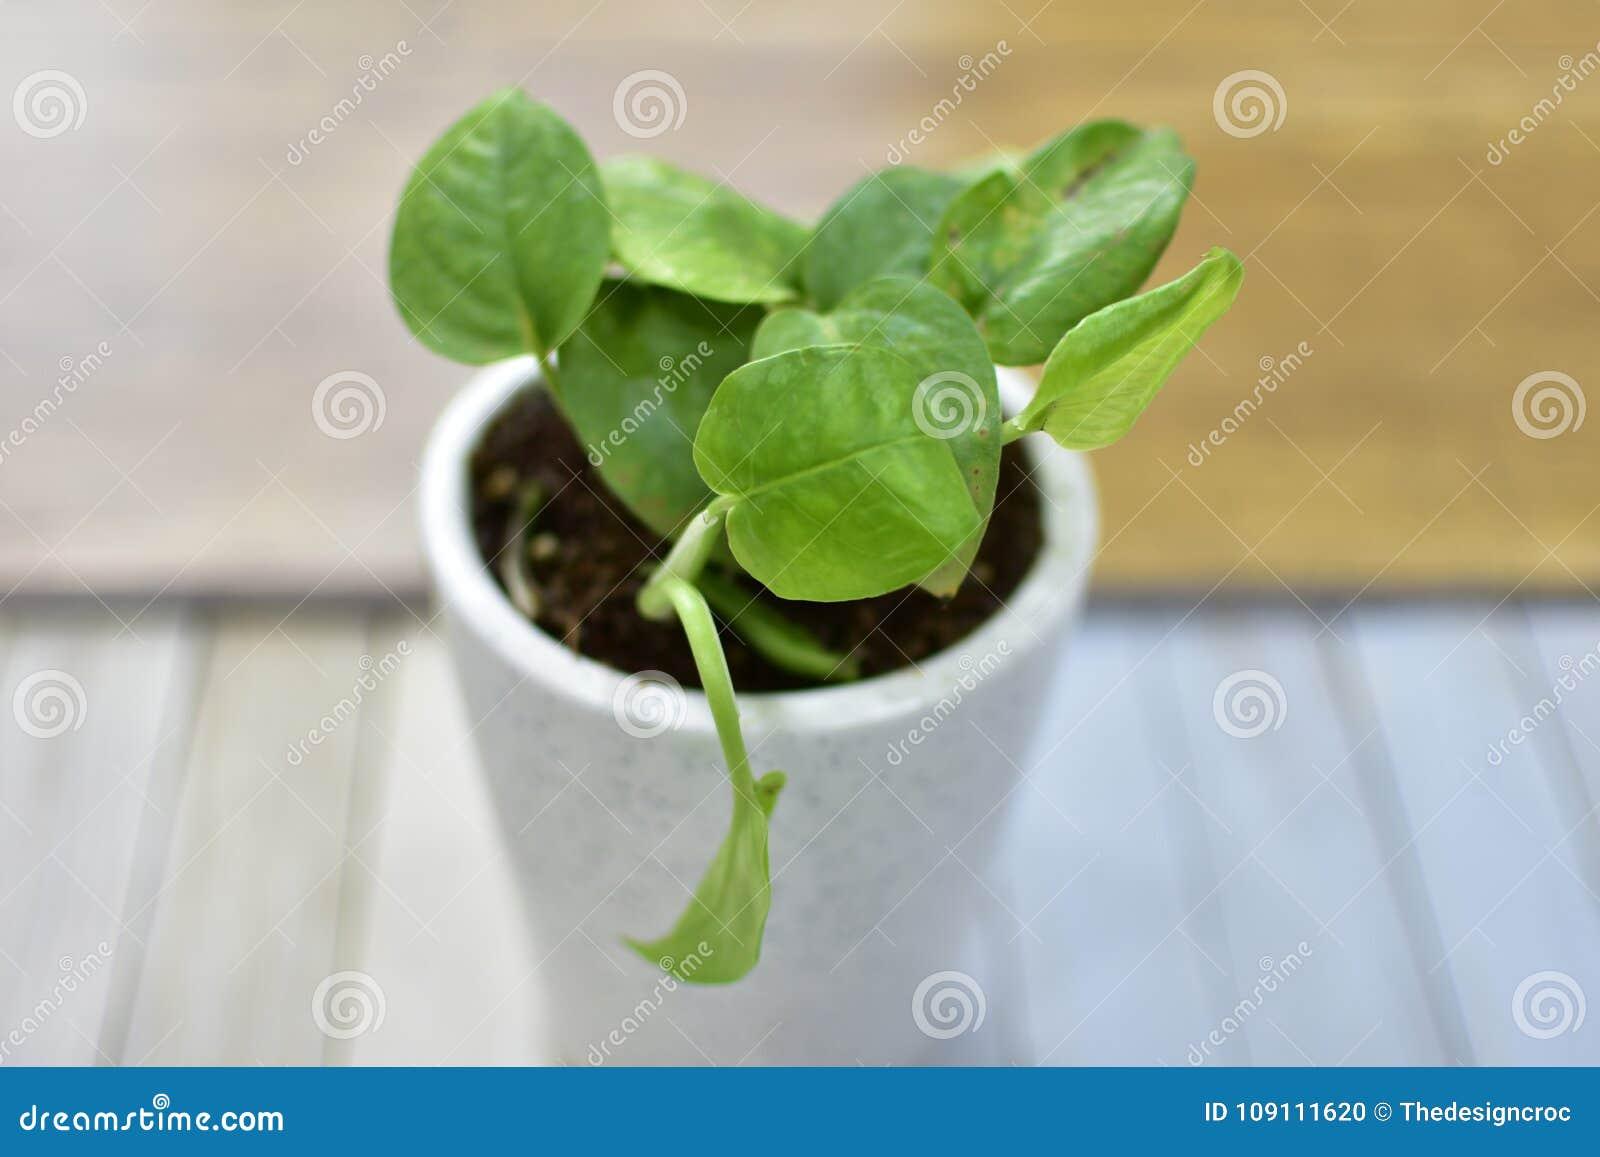 https://thumbs.dreamstime.com/z/plantez-le-fond-en-bois-de-pot-lierre-feuilles-d-int%C3%A9rieur-vert-109111620.jpg